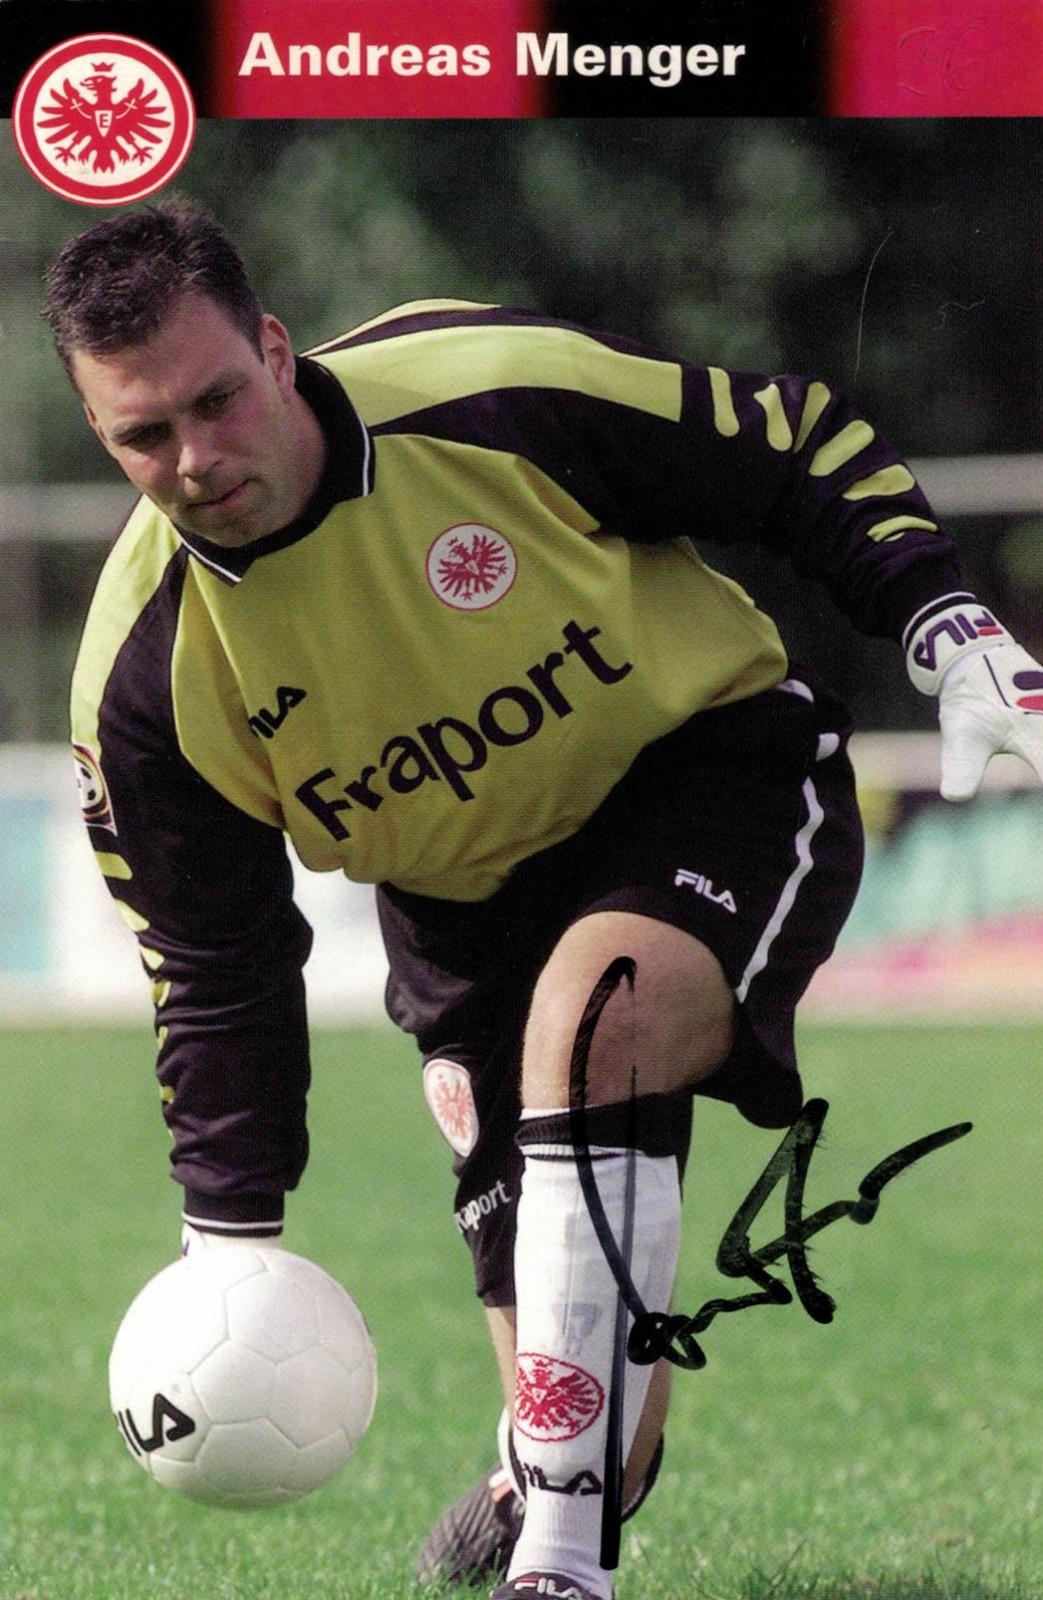 Andreas Menger zu seiner aktiven Zeit in Frankfurt.